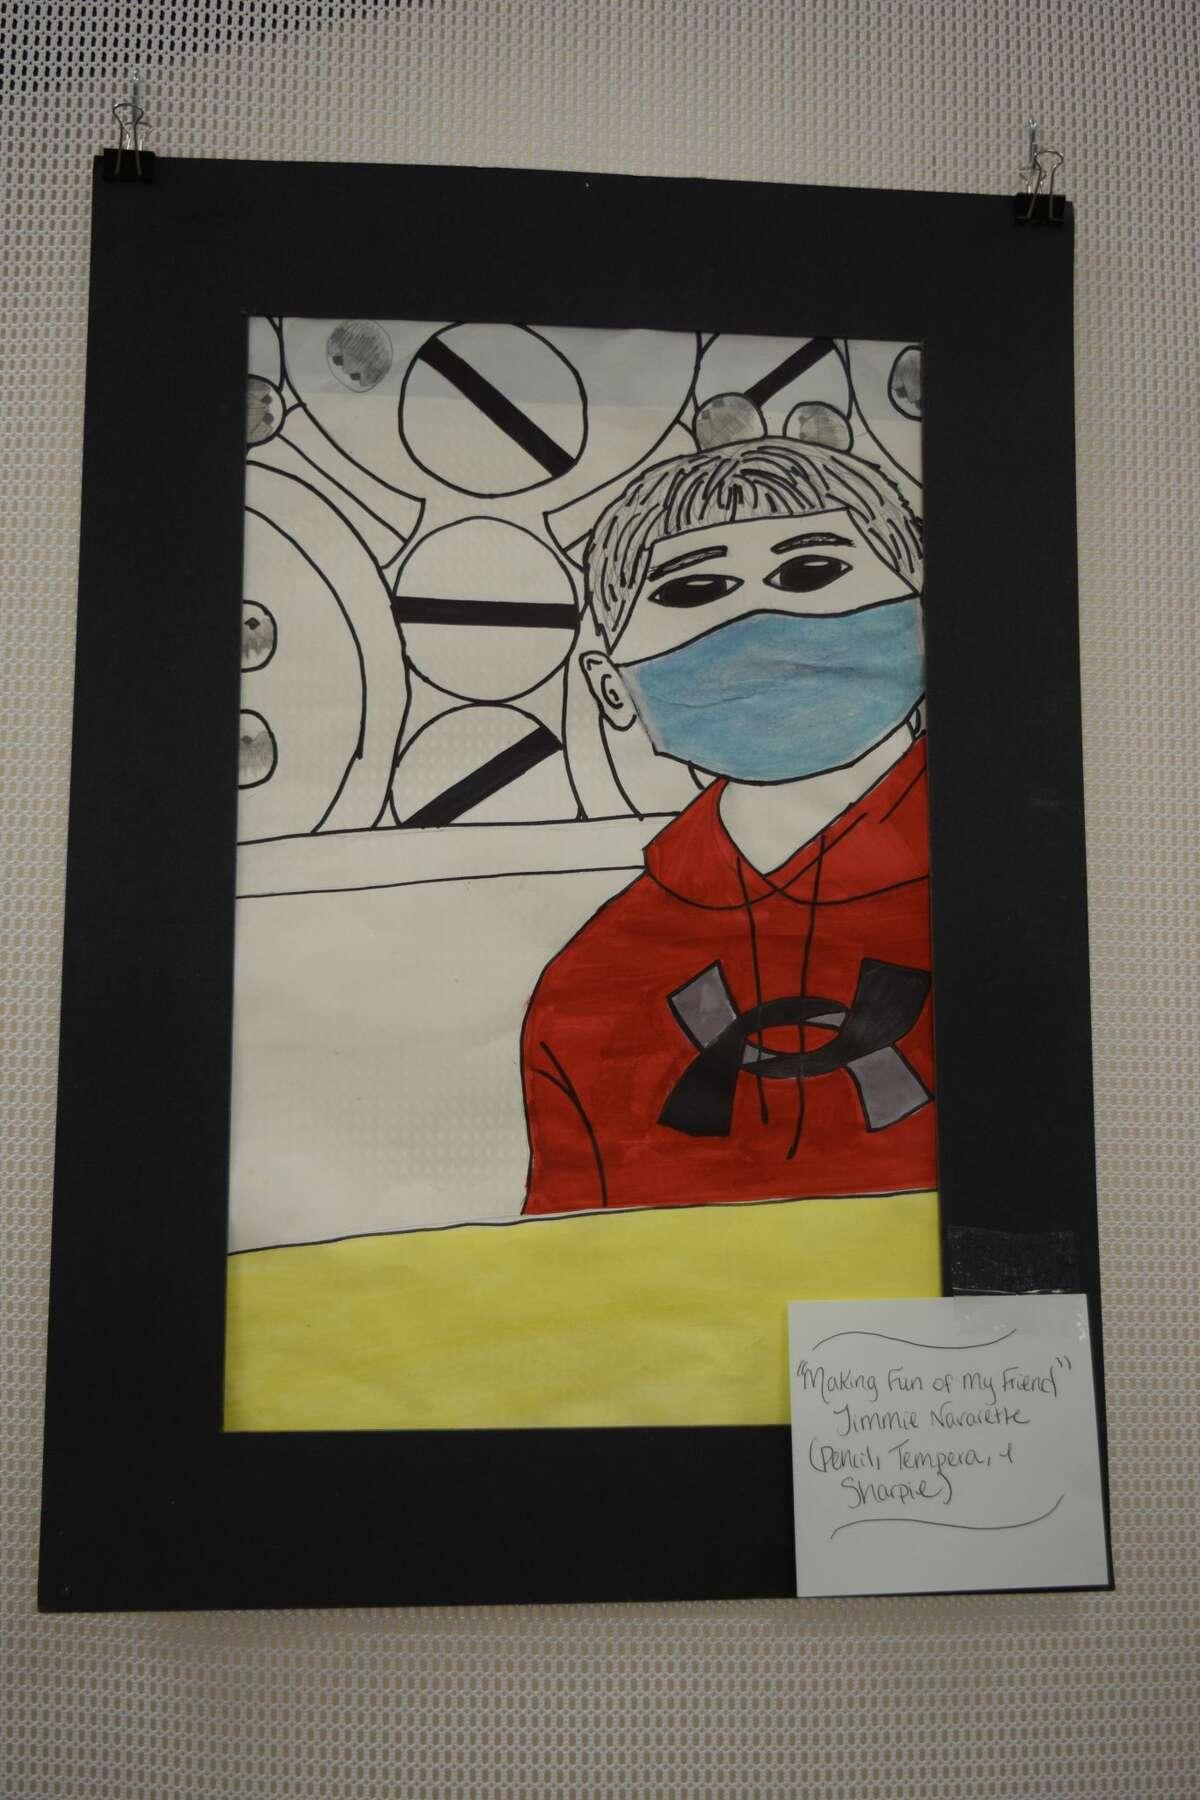 """""""Making Fun Of My Friend"""" Artist: Jimmie Navarette"""